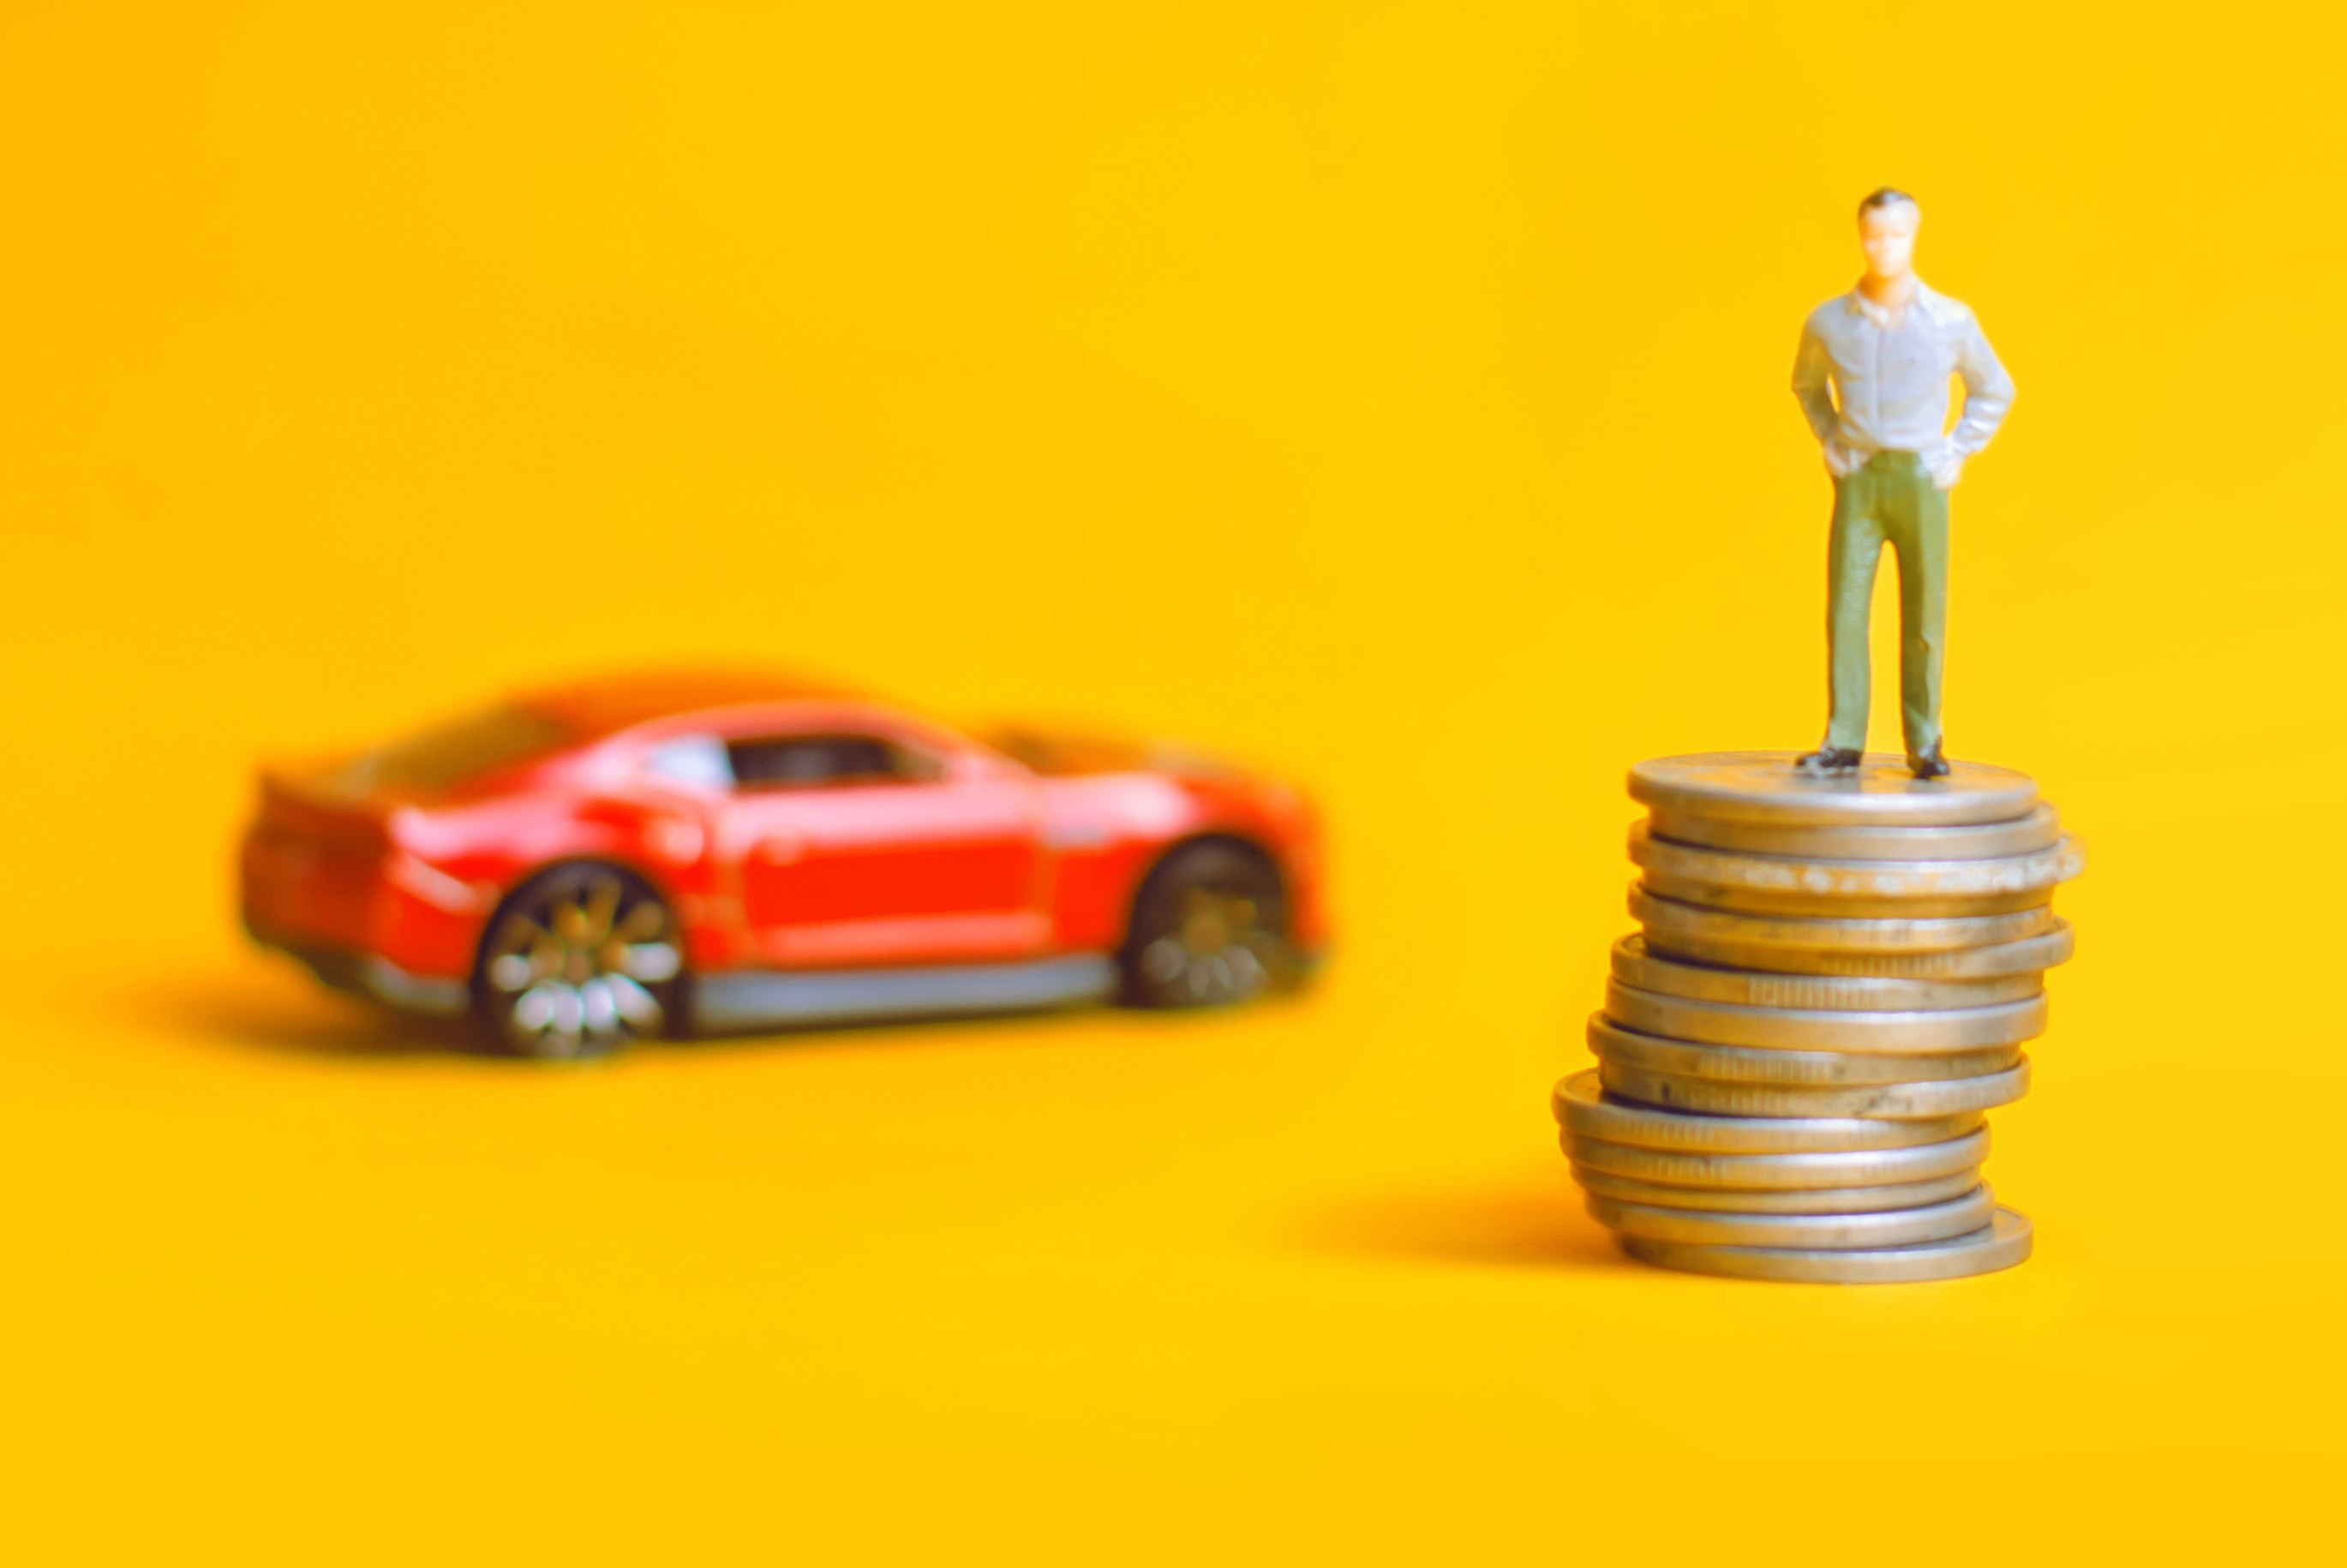 Compra e venda de carros (Foto: Gettyimages)